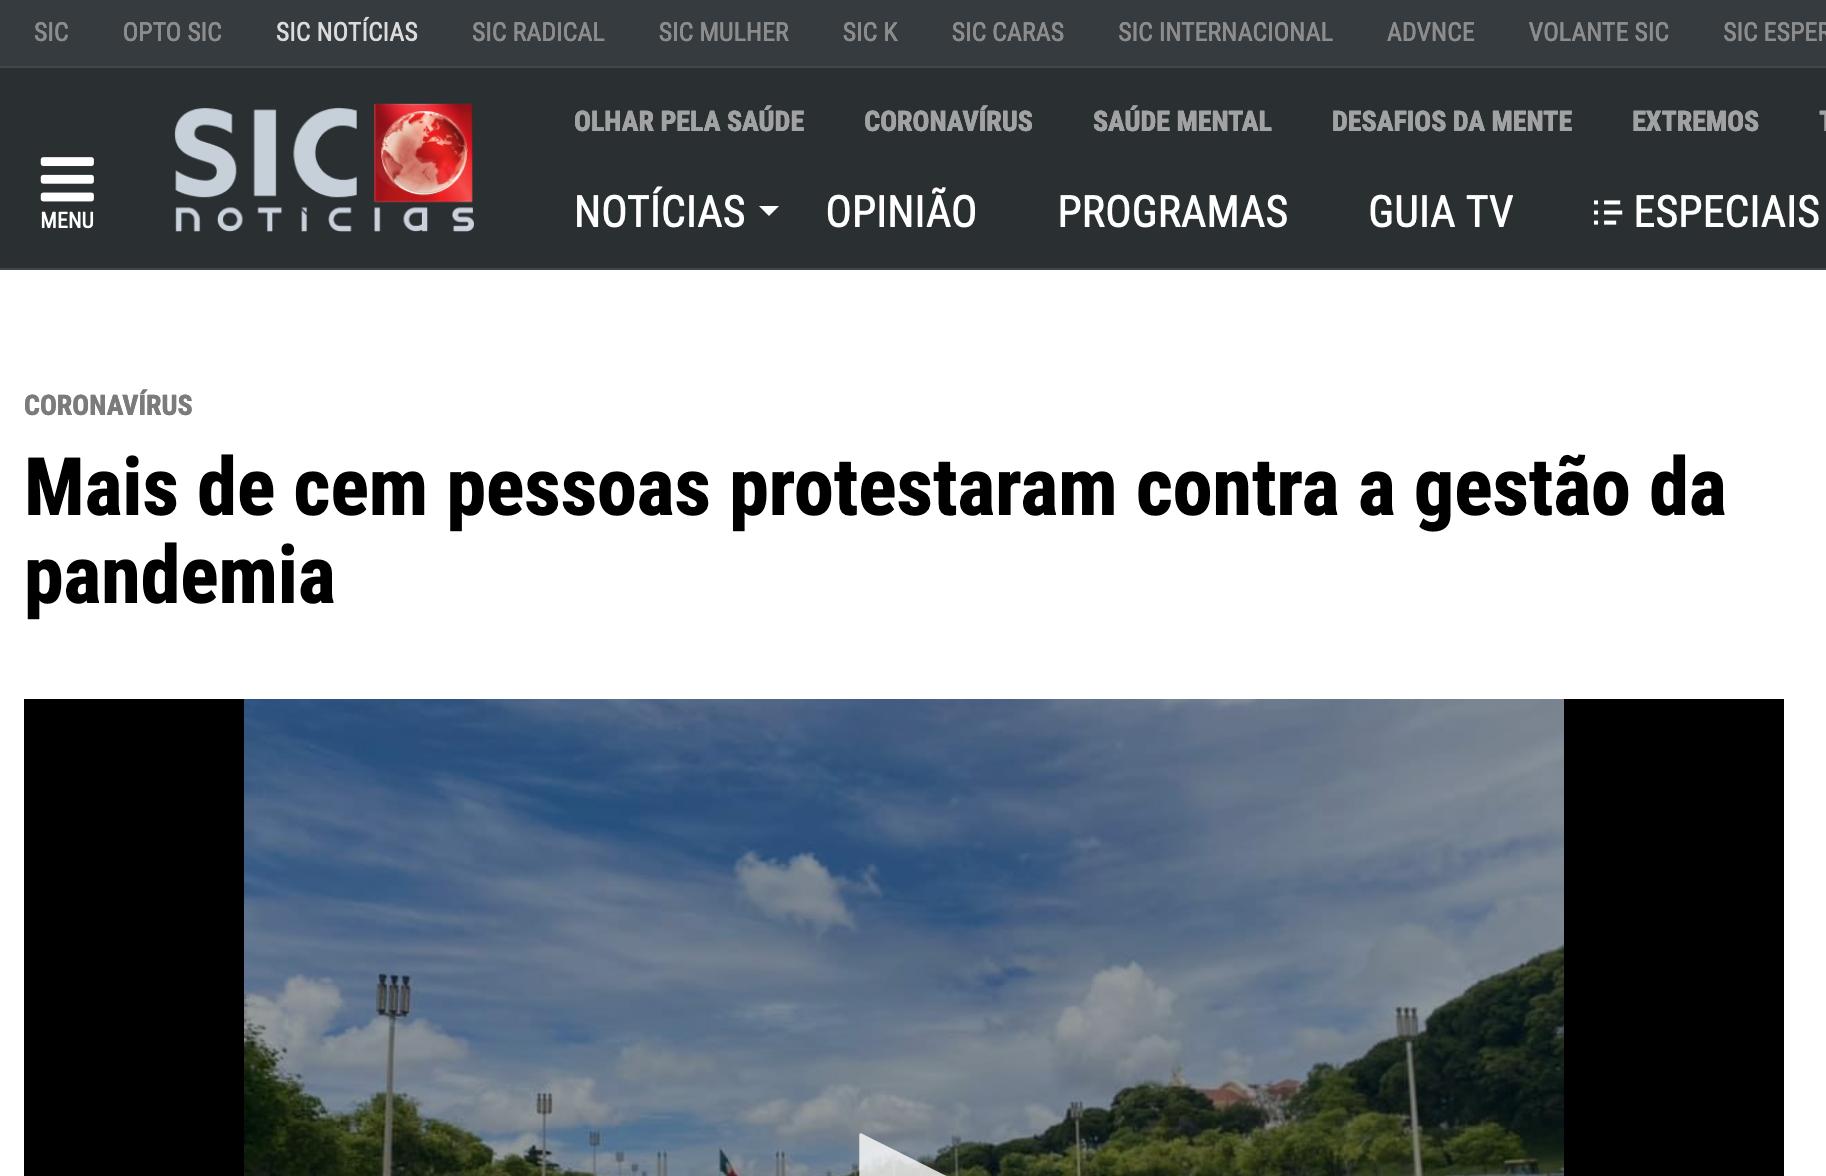 Mais de cem pessoas protestaram contra a gestão da pandemia